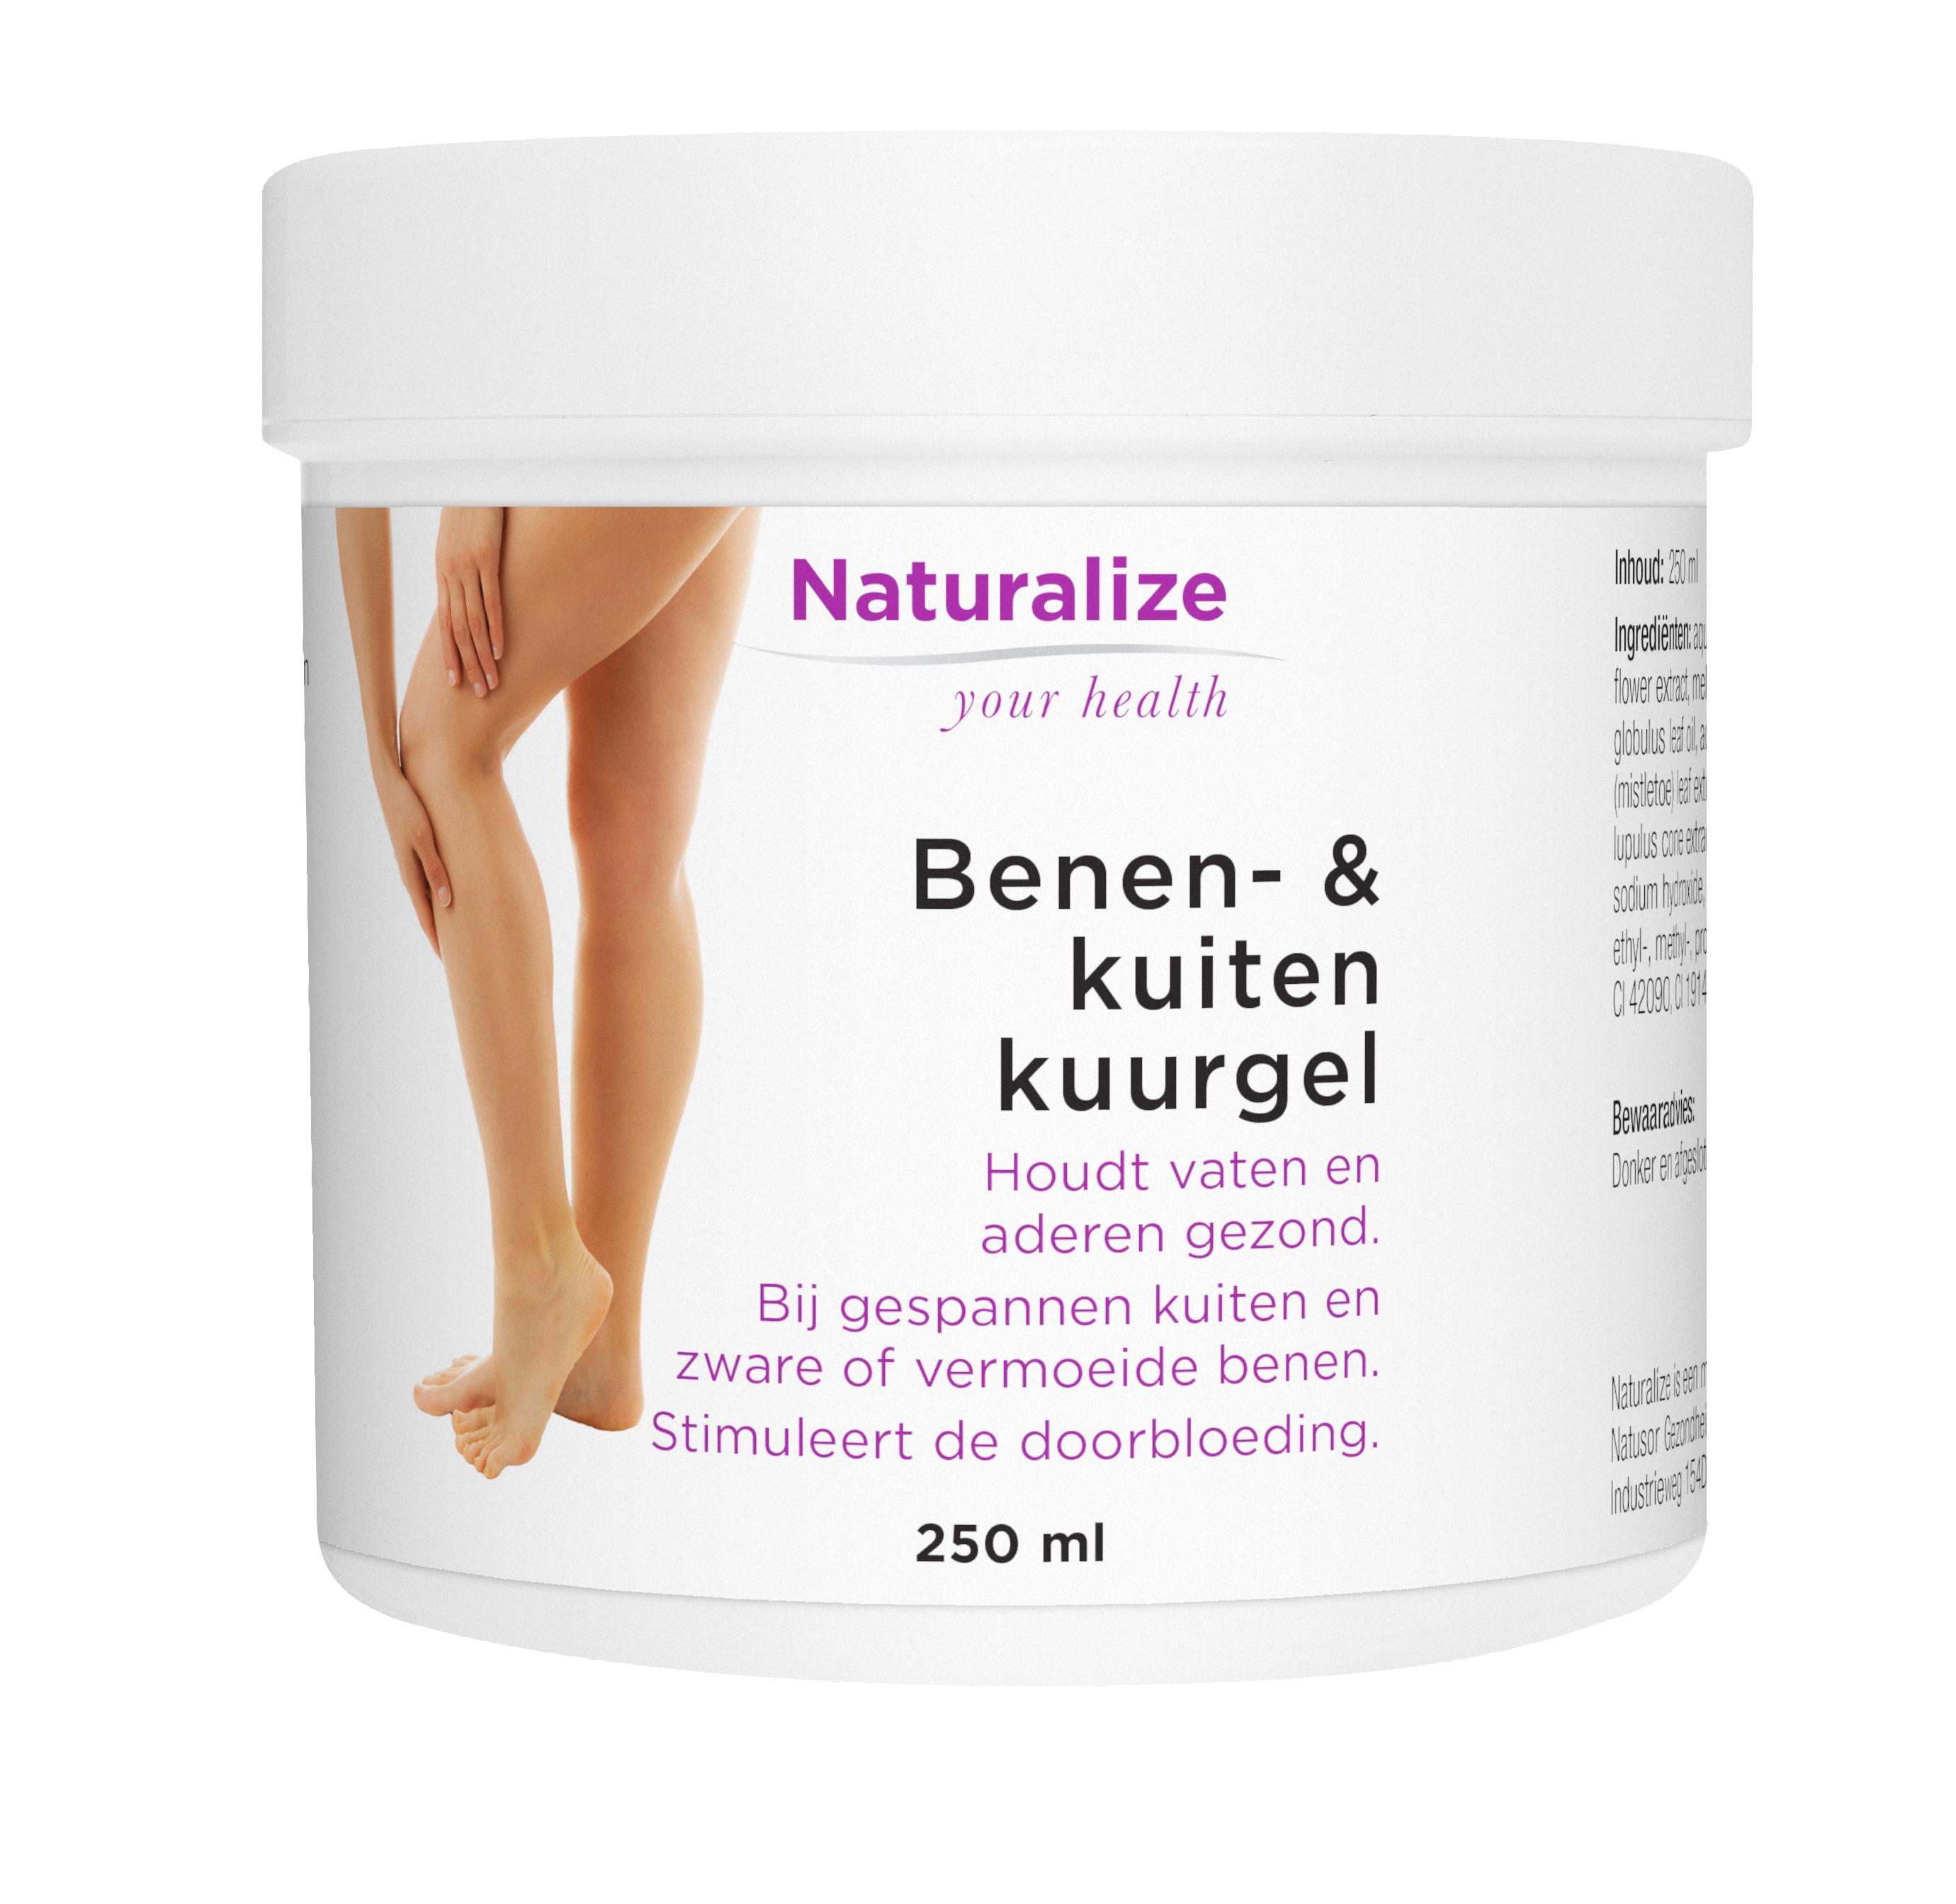 Naturalize Benen- & kuitenkuurgel (250 milliliter)